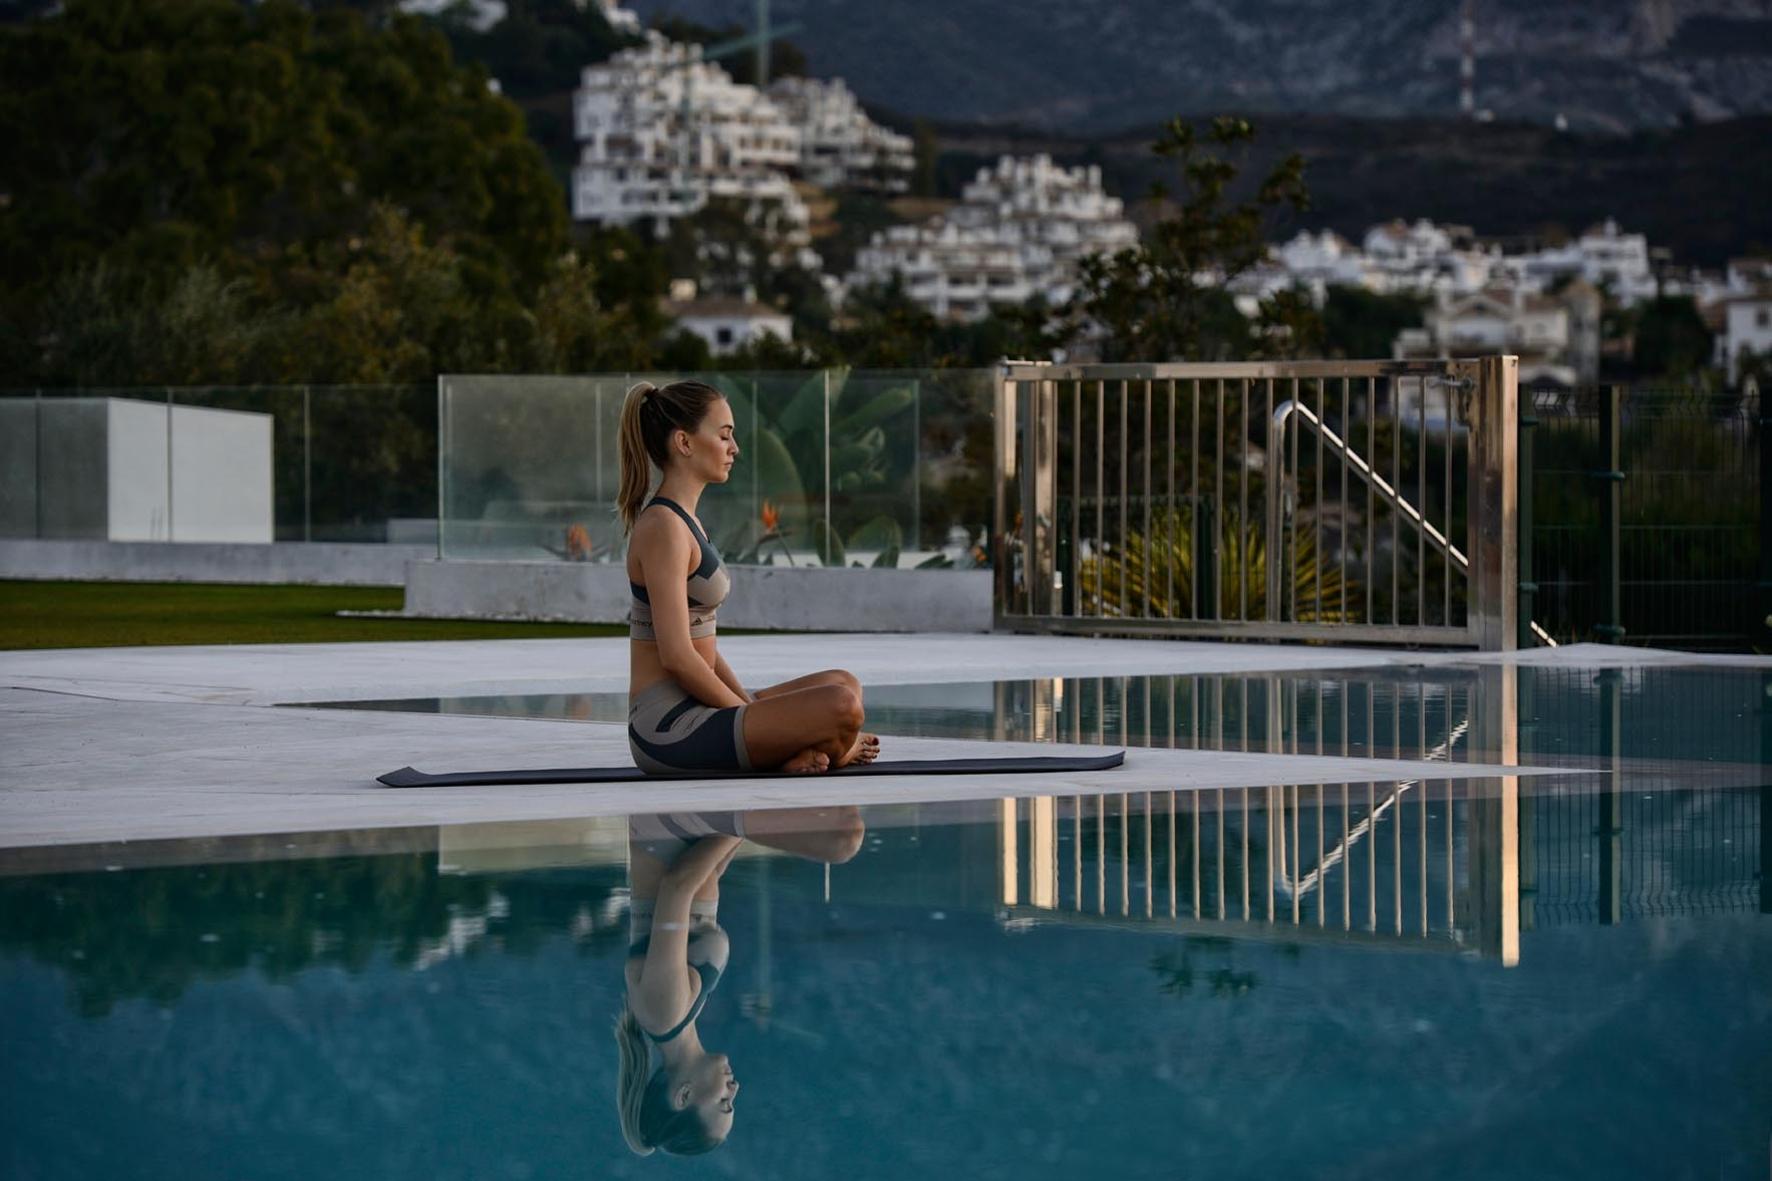 mid Groß-Gerau - Yoga mit Jorda: Die spanische Rennfahrerin Carmen Jorda ist das hübsche Gesicht der neuen Werbekampagne von Reifenhersteller Vredestein.